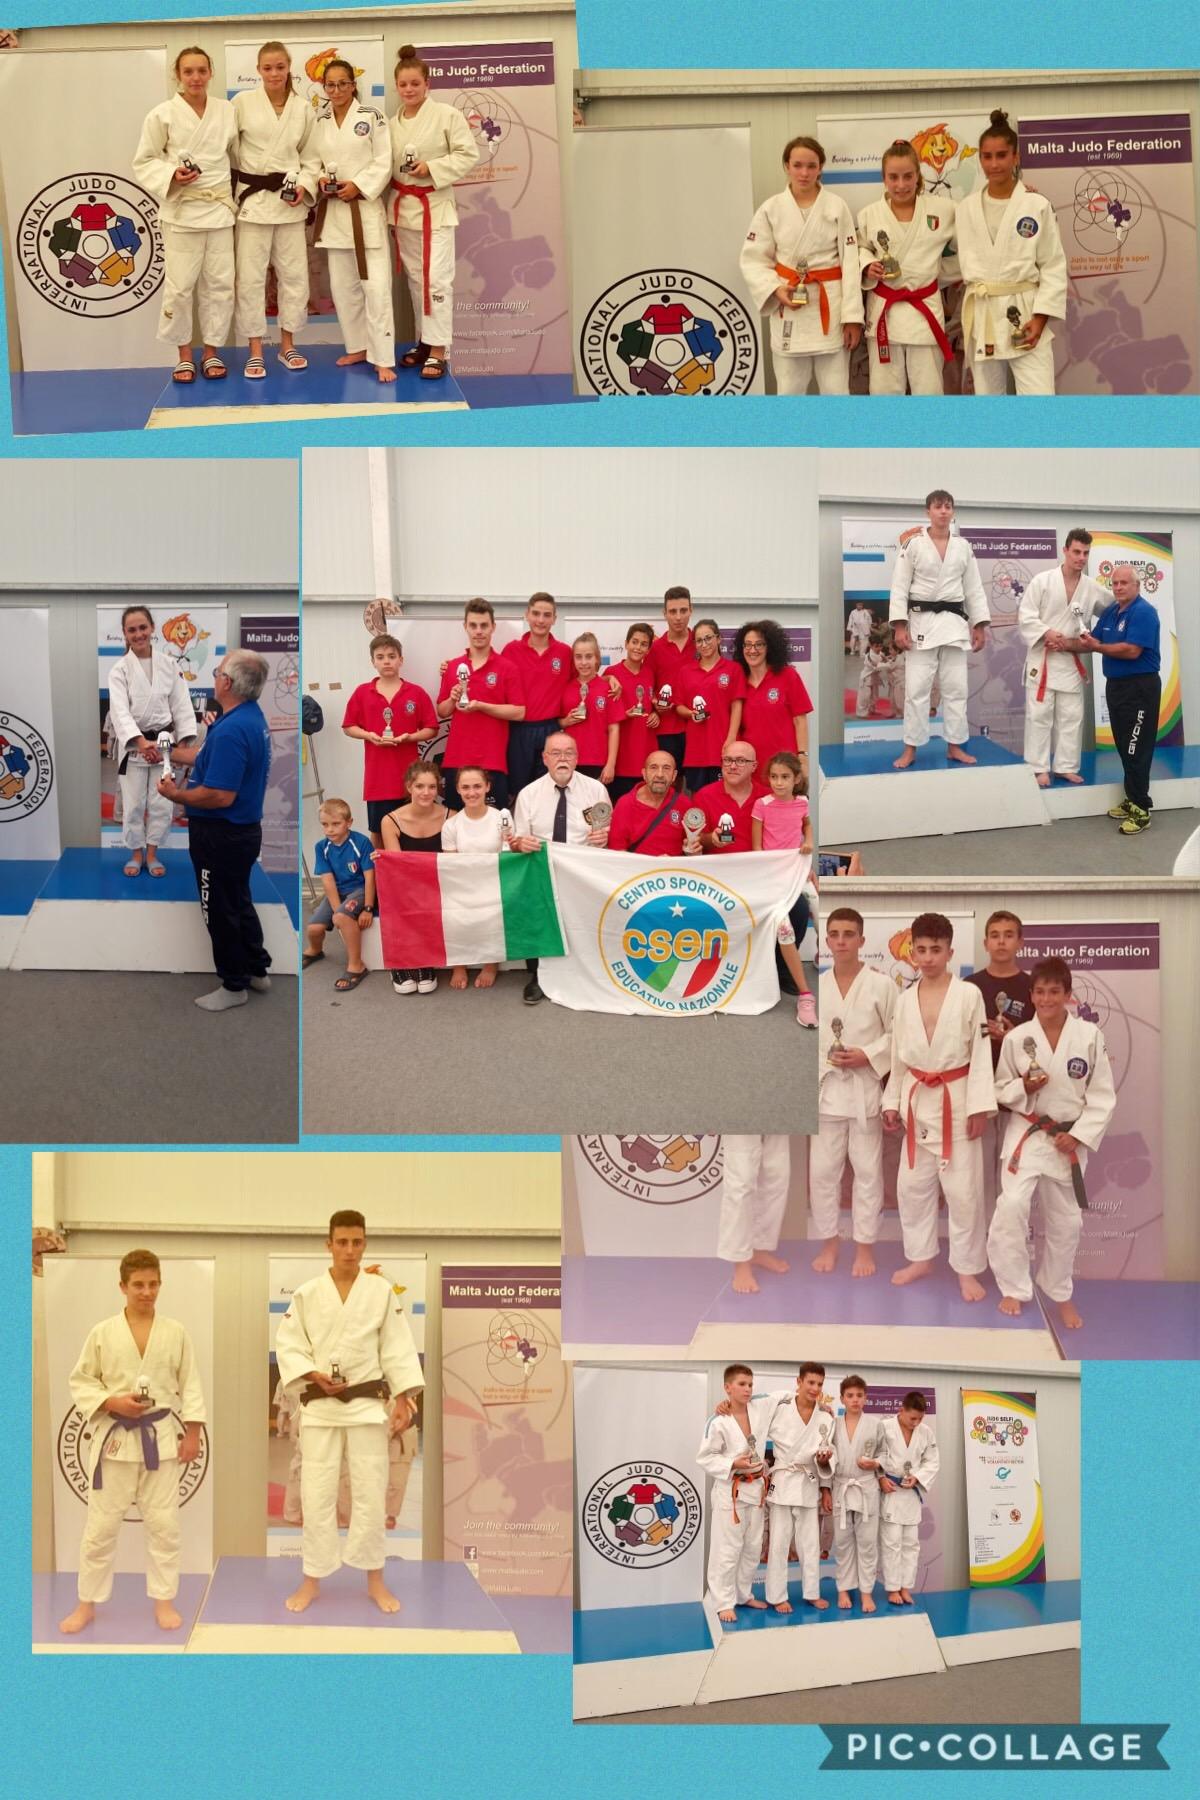 Impresa della Rappresentativa Regionale C.S.E..N. di Judo agli Internazionali di Malta